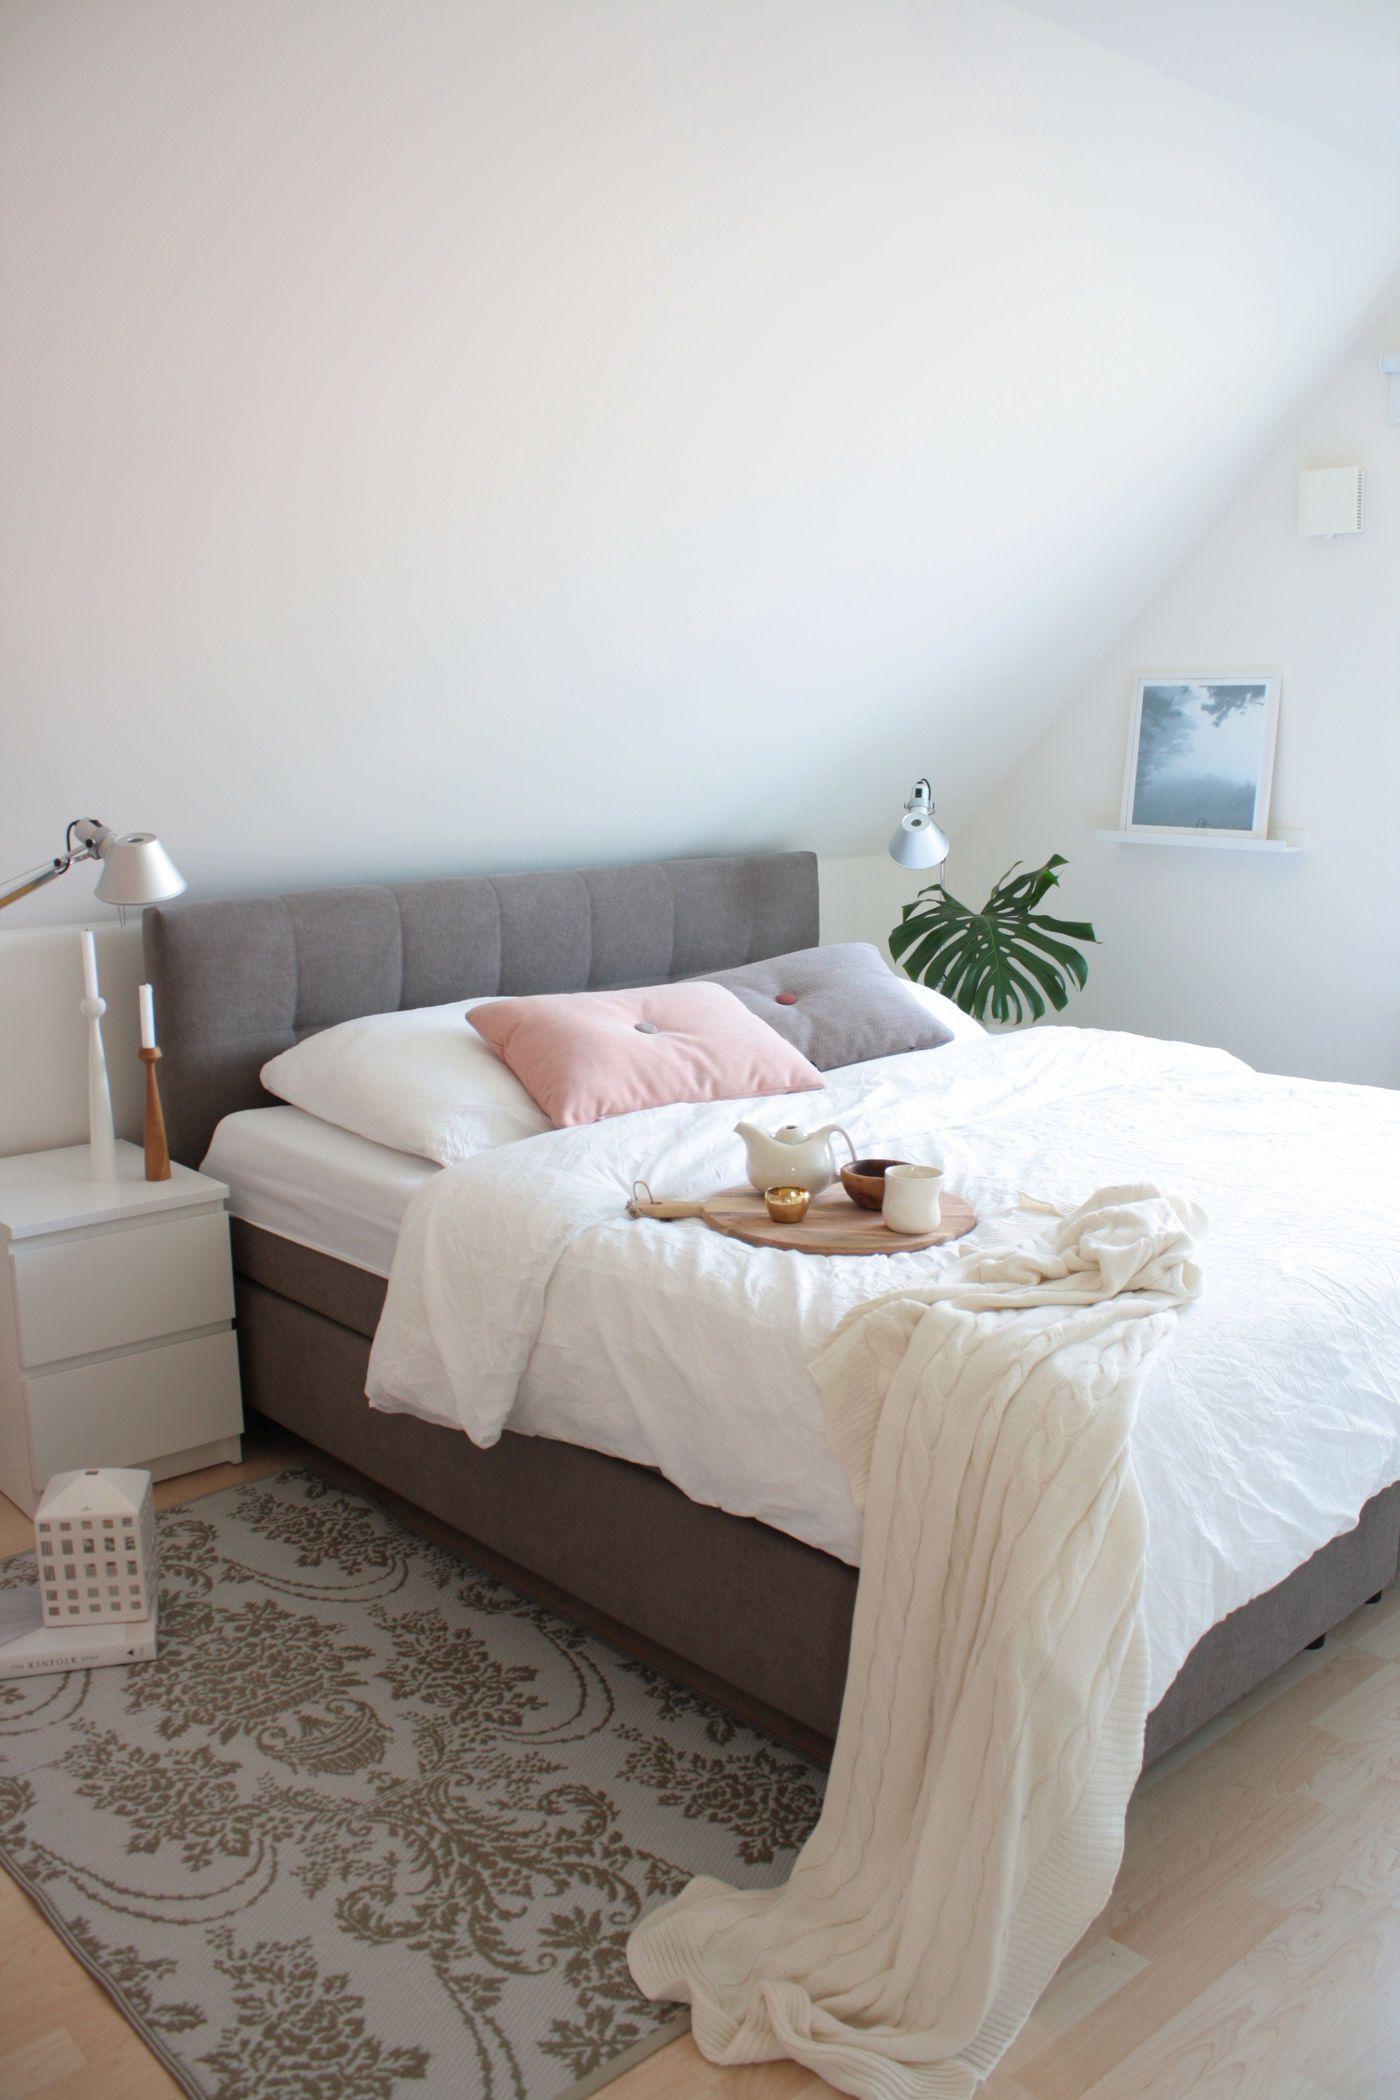 Schlafzimmer: Ideen zum Einrichten & Gestalten - Seite 20